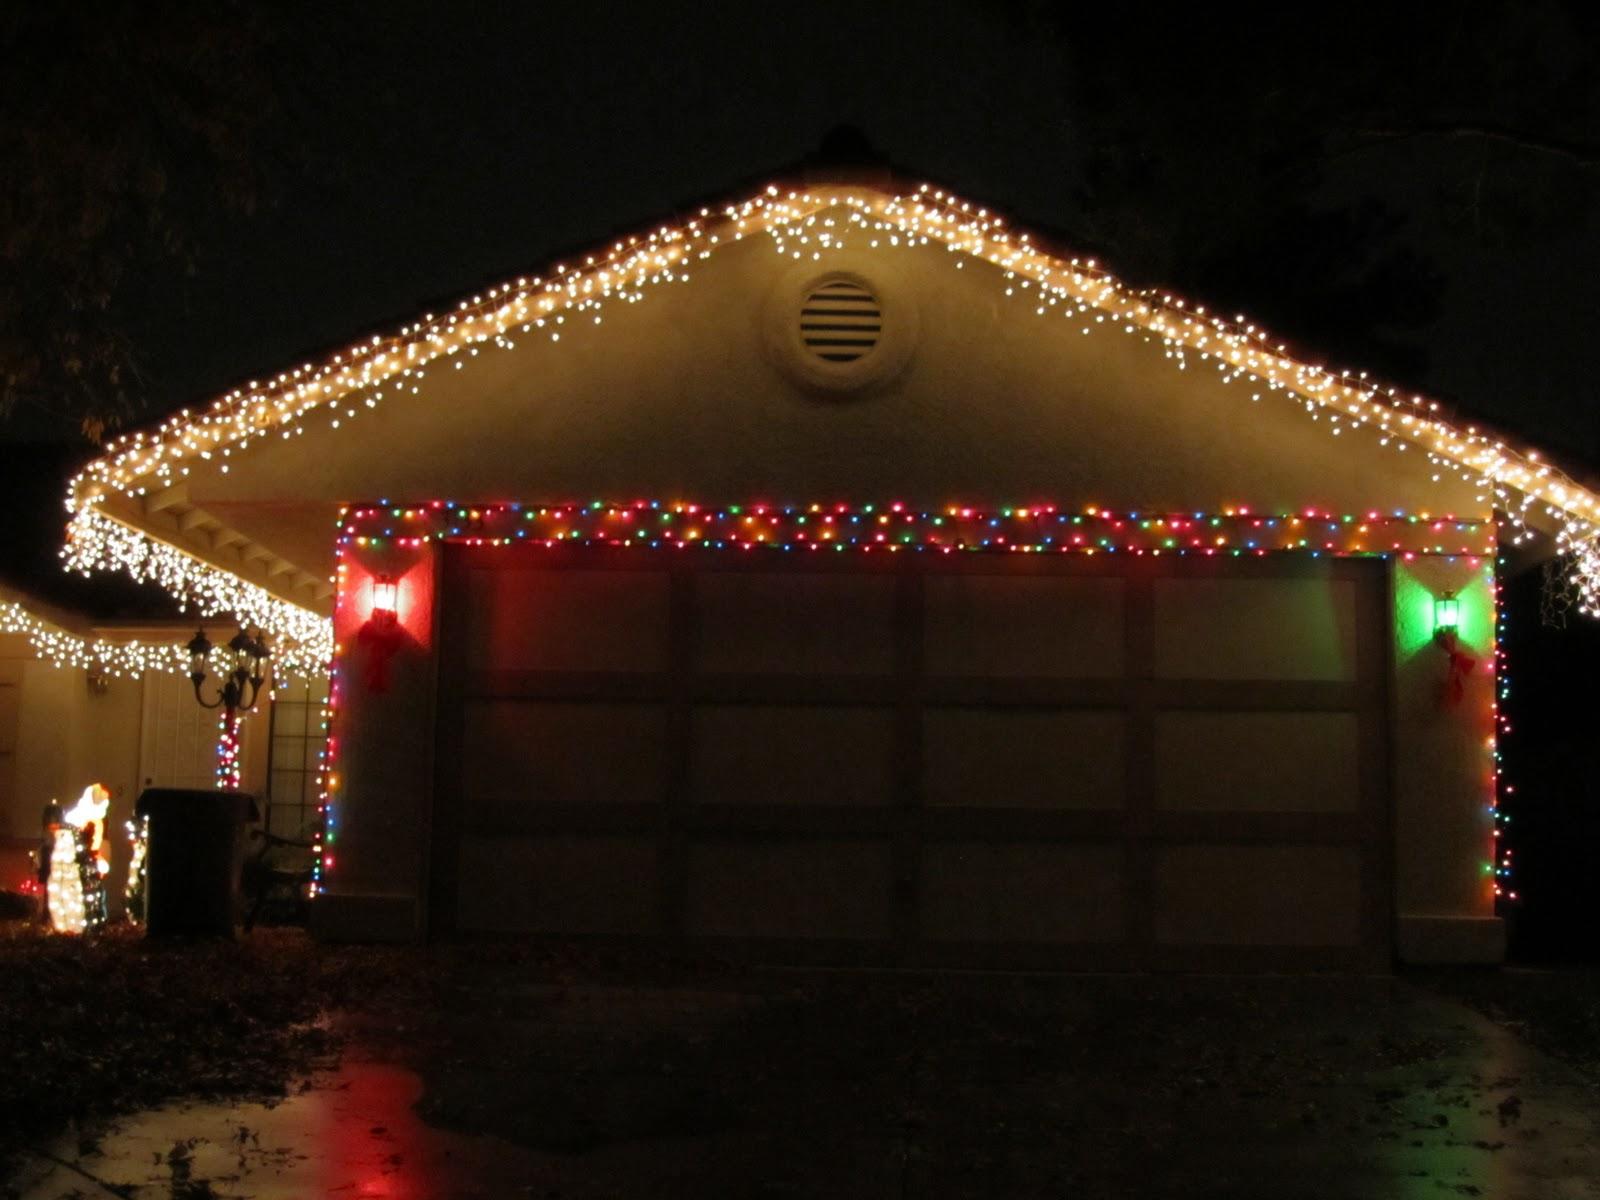 100 Hang Christmas Lights How To Put Up